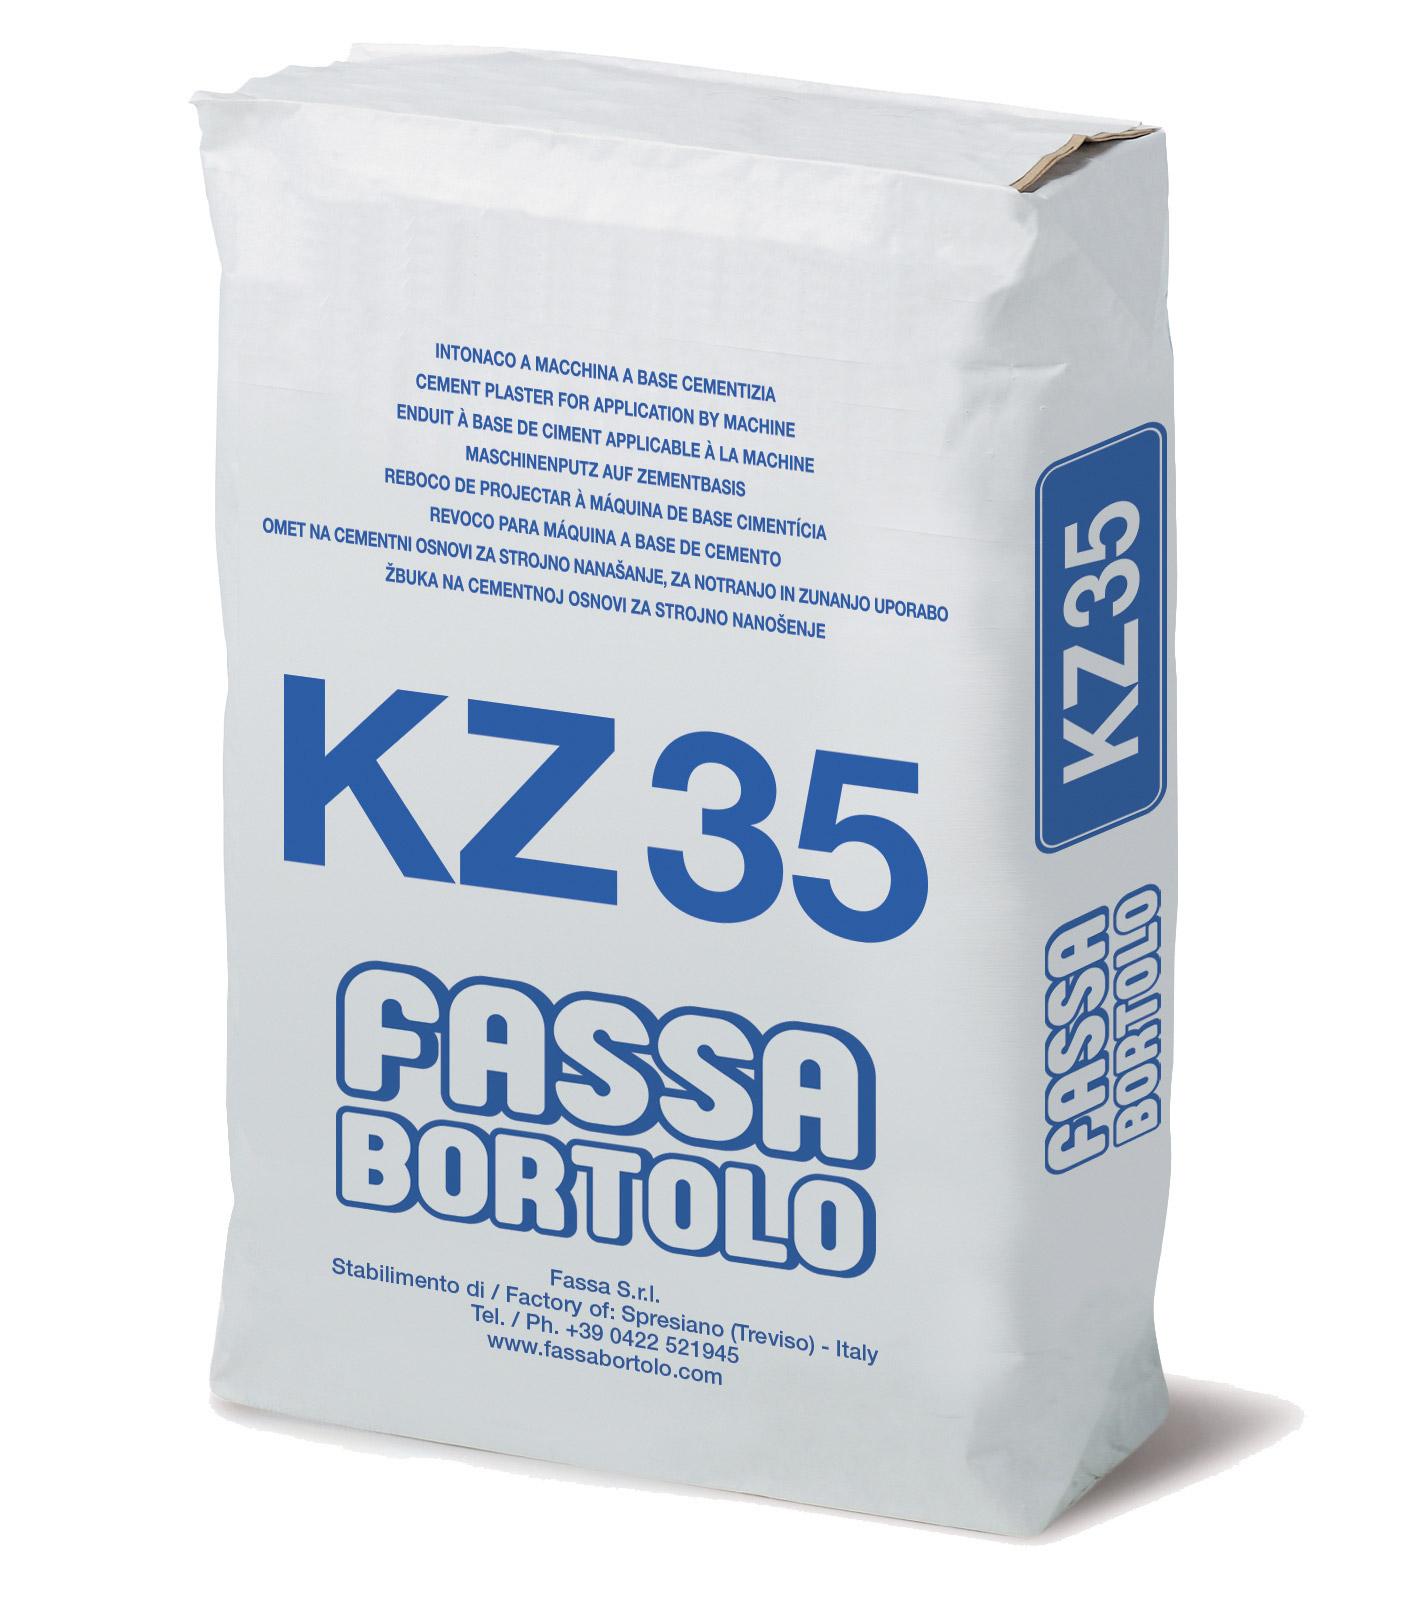 KZ 35: Reboco de base com hidrorrepelente à base de cimento e pozolana para rodapés em exteriores e interiores